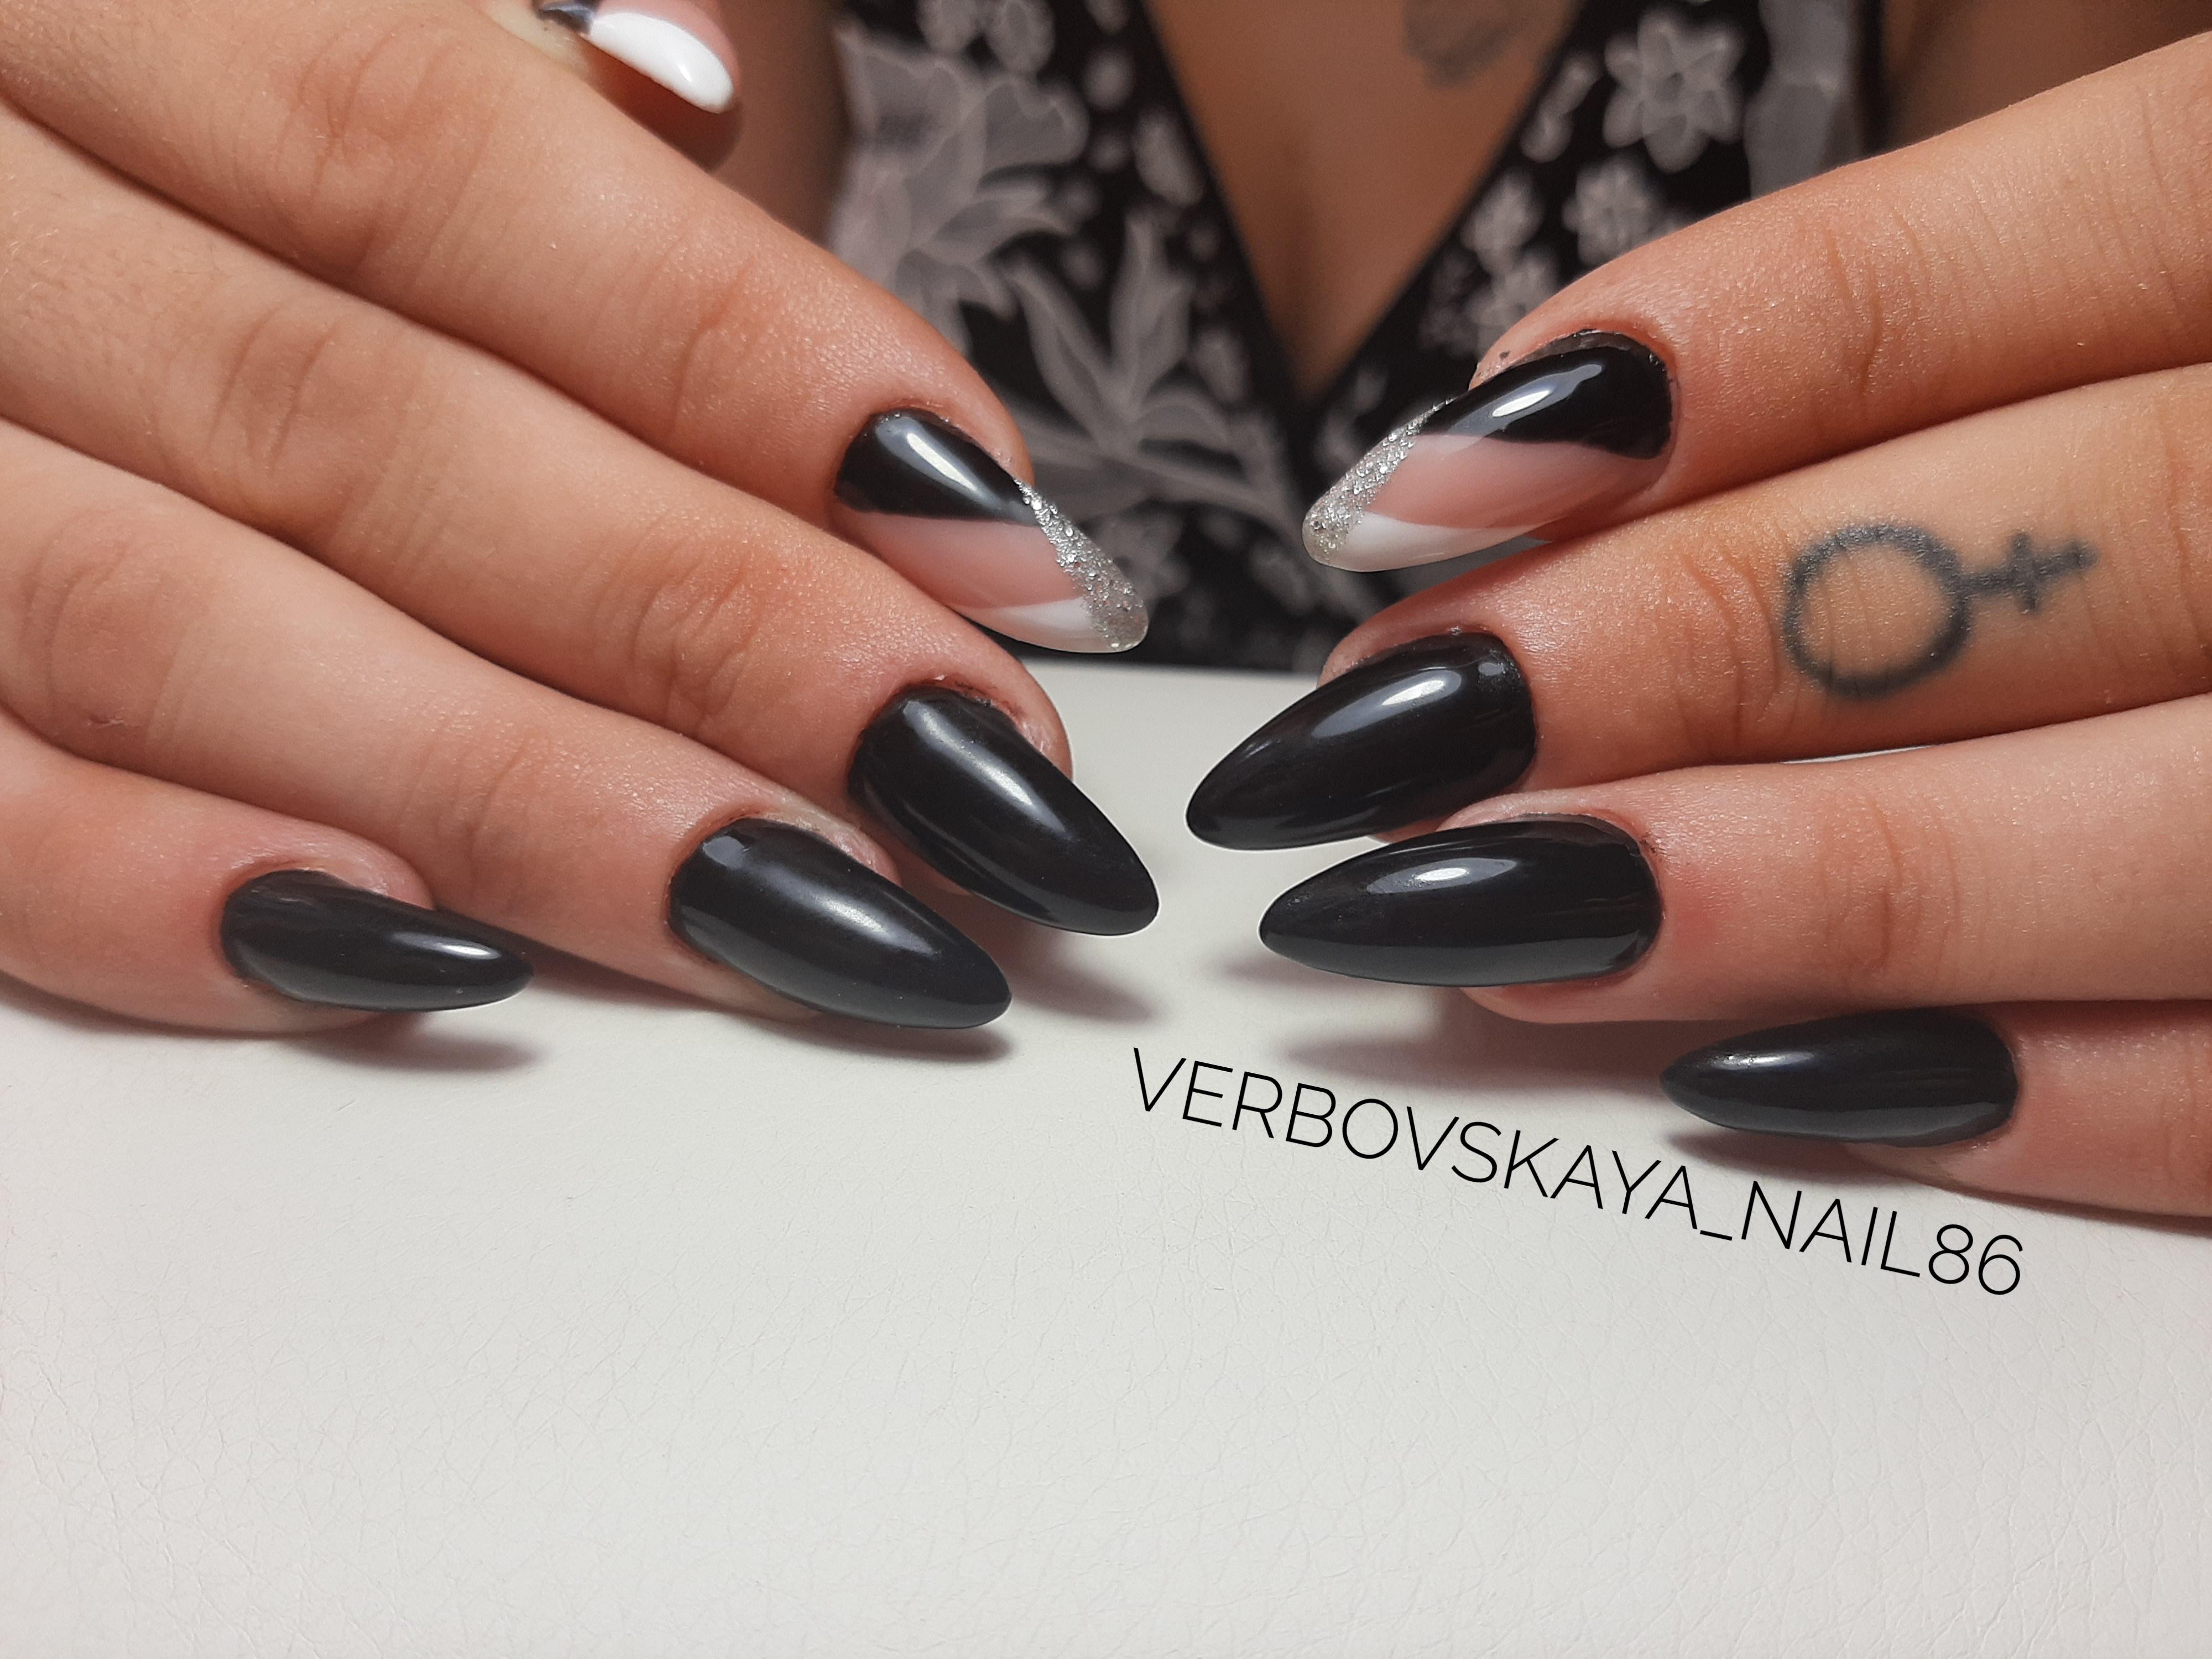 Геометрический маникюр с серебряными блестками в черном цвете на длинные ногти.